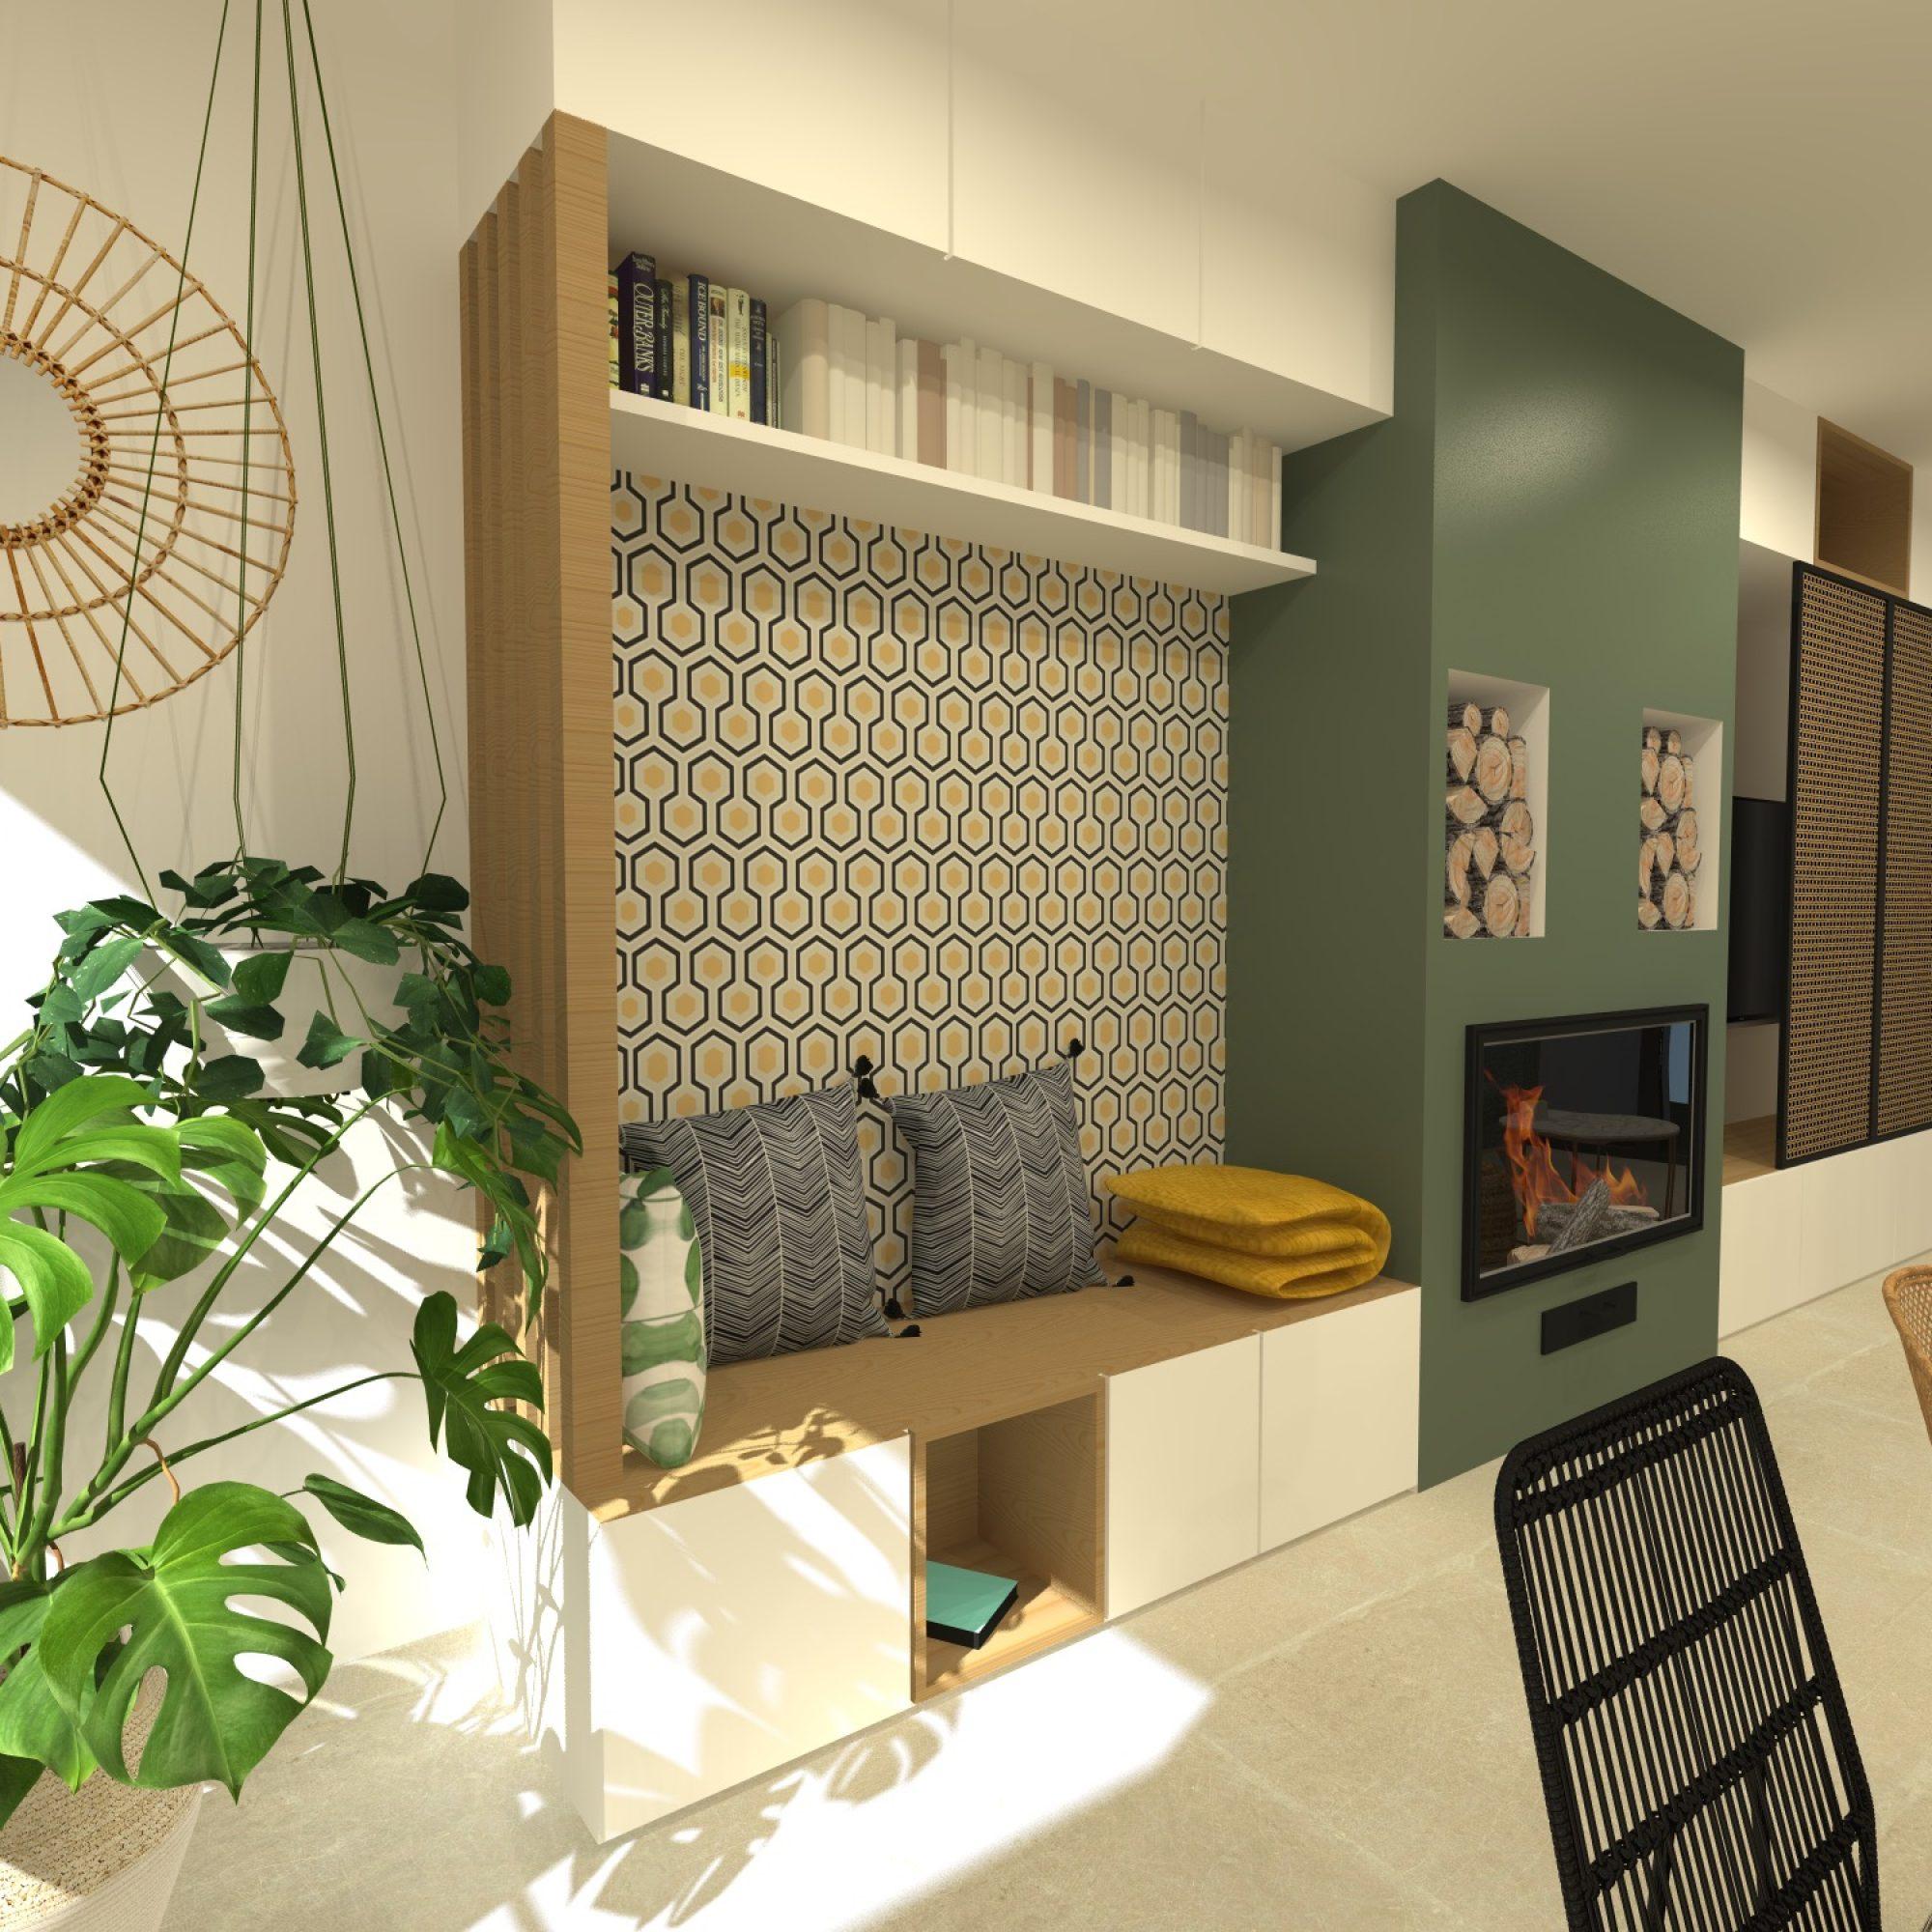 renovation-travaux-architecte-mauguio-decoratateur-architectedinterieur-montpellier-cuisine-amenagement-ilot-chene-ameublement-surmesure-billard-herault-miele-travaux-construction-rochebobois-flos-veneta-osier-laredoute-maison-appartement-modifierinterieur